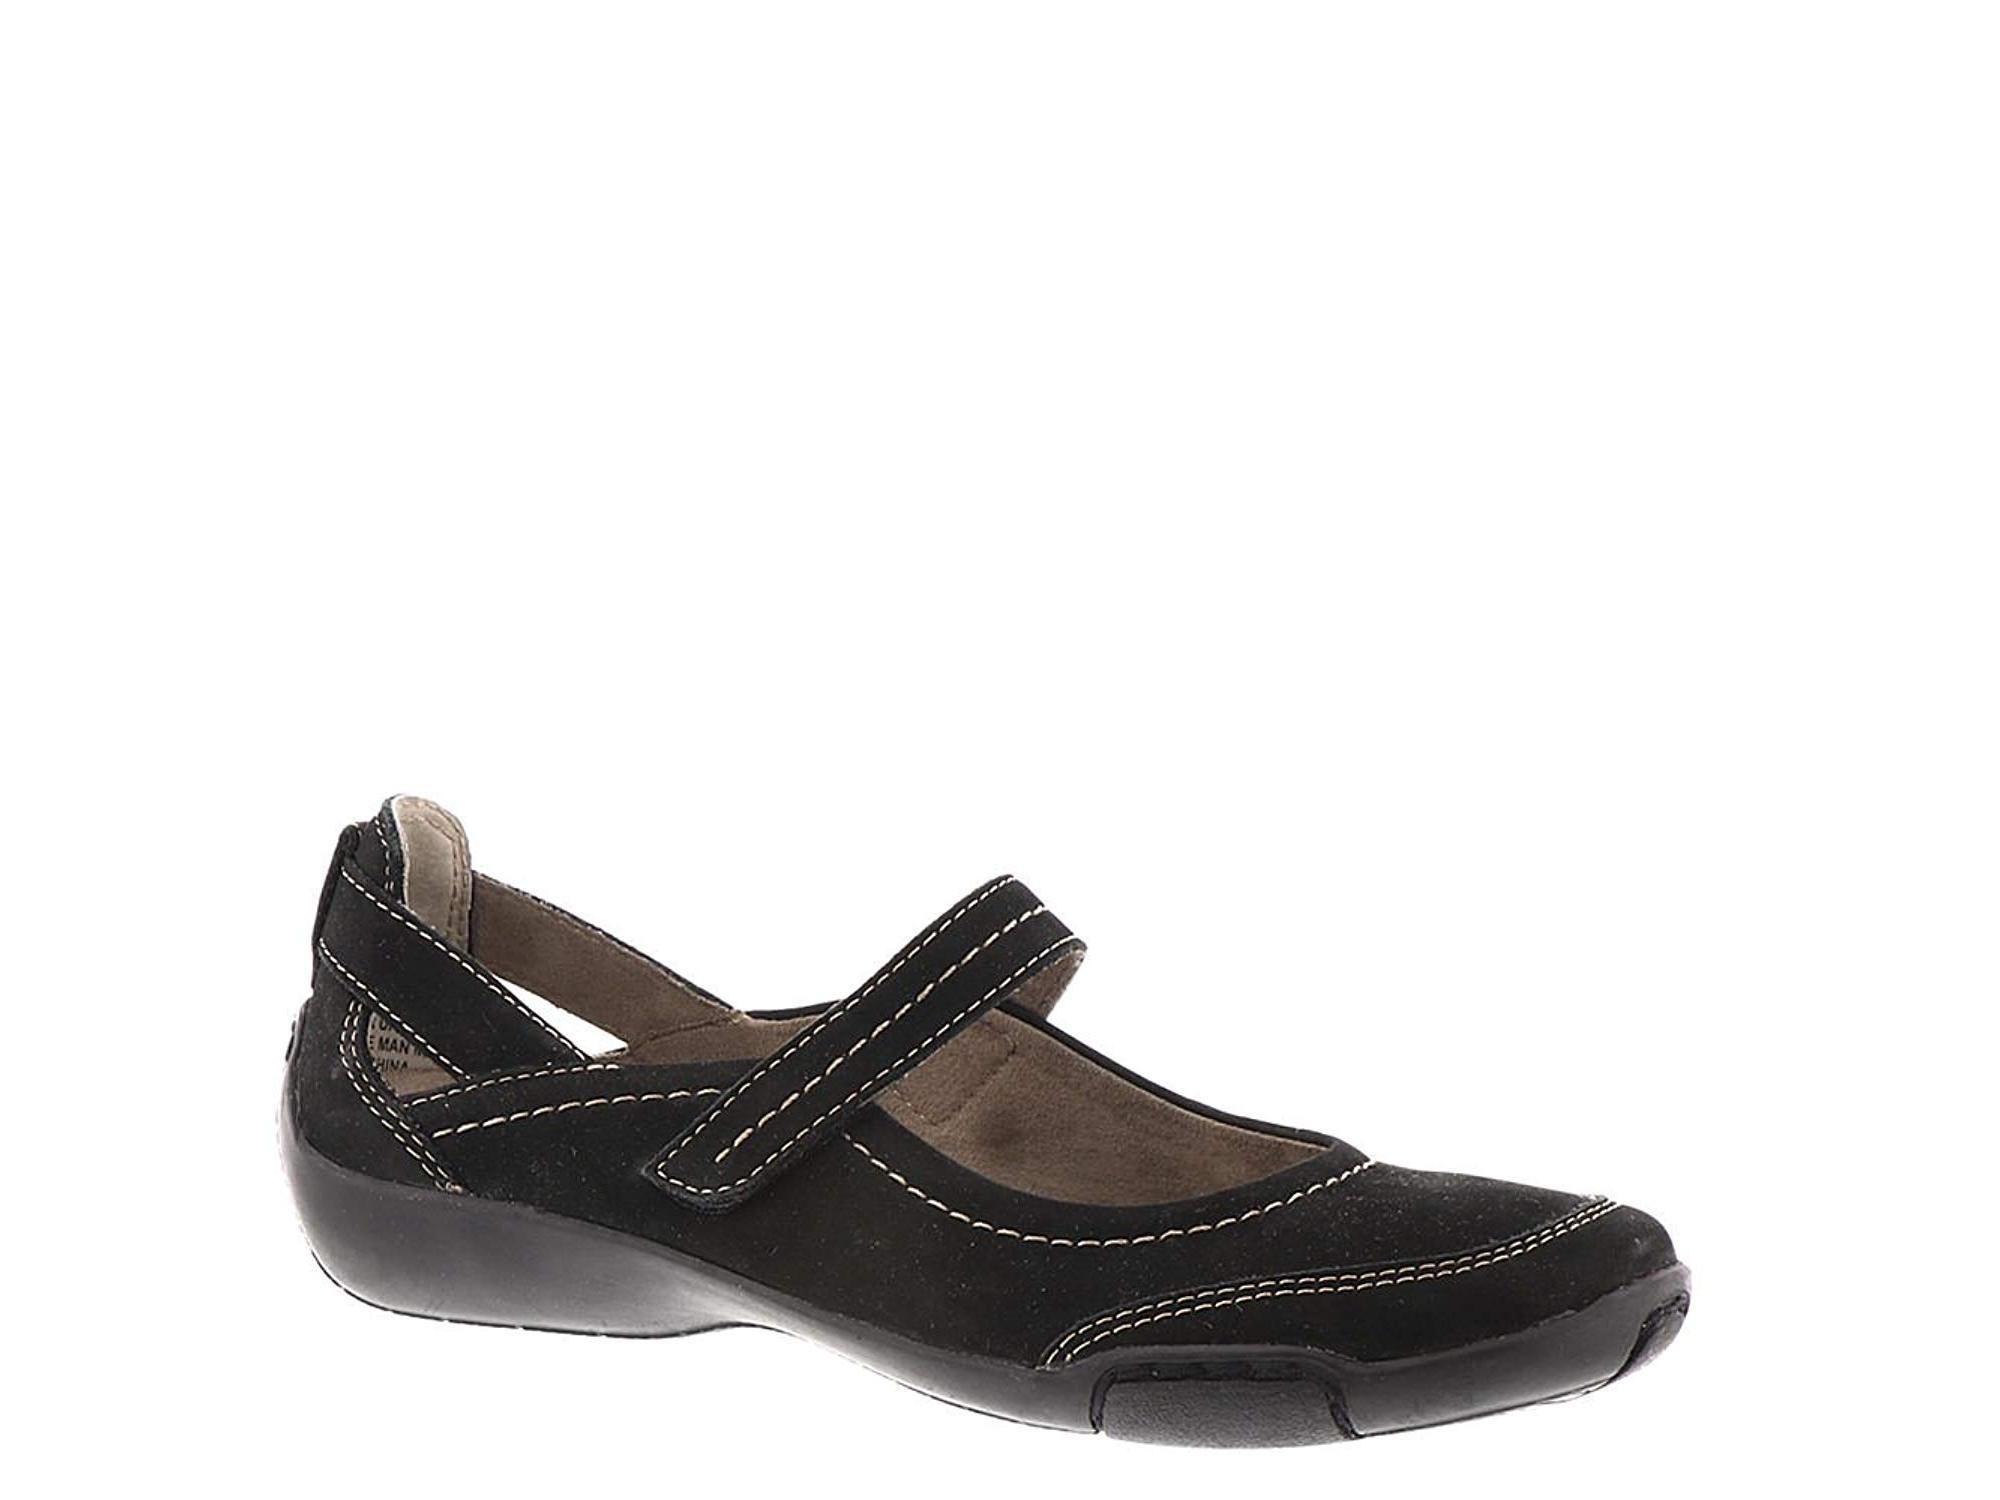 ARRAY Juila Women's Slip On Economical, stylish, and eye-catching shoes